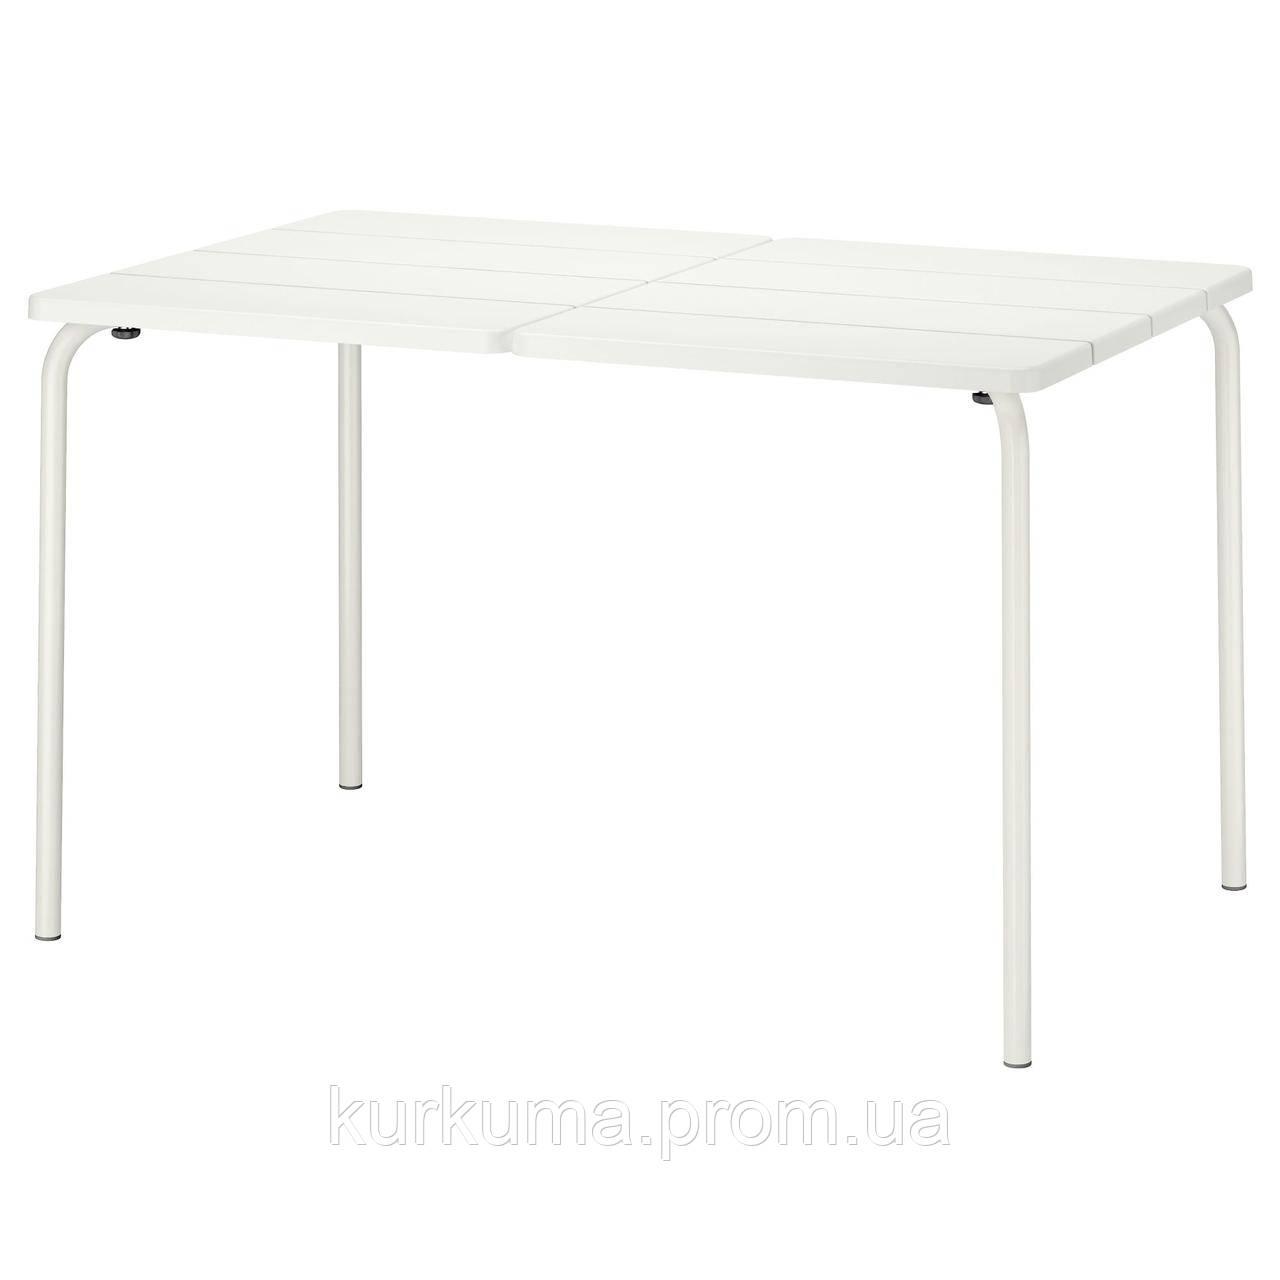 IKEA VADDO Садовый стол, белый  (802.595.14)